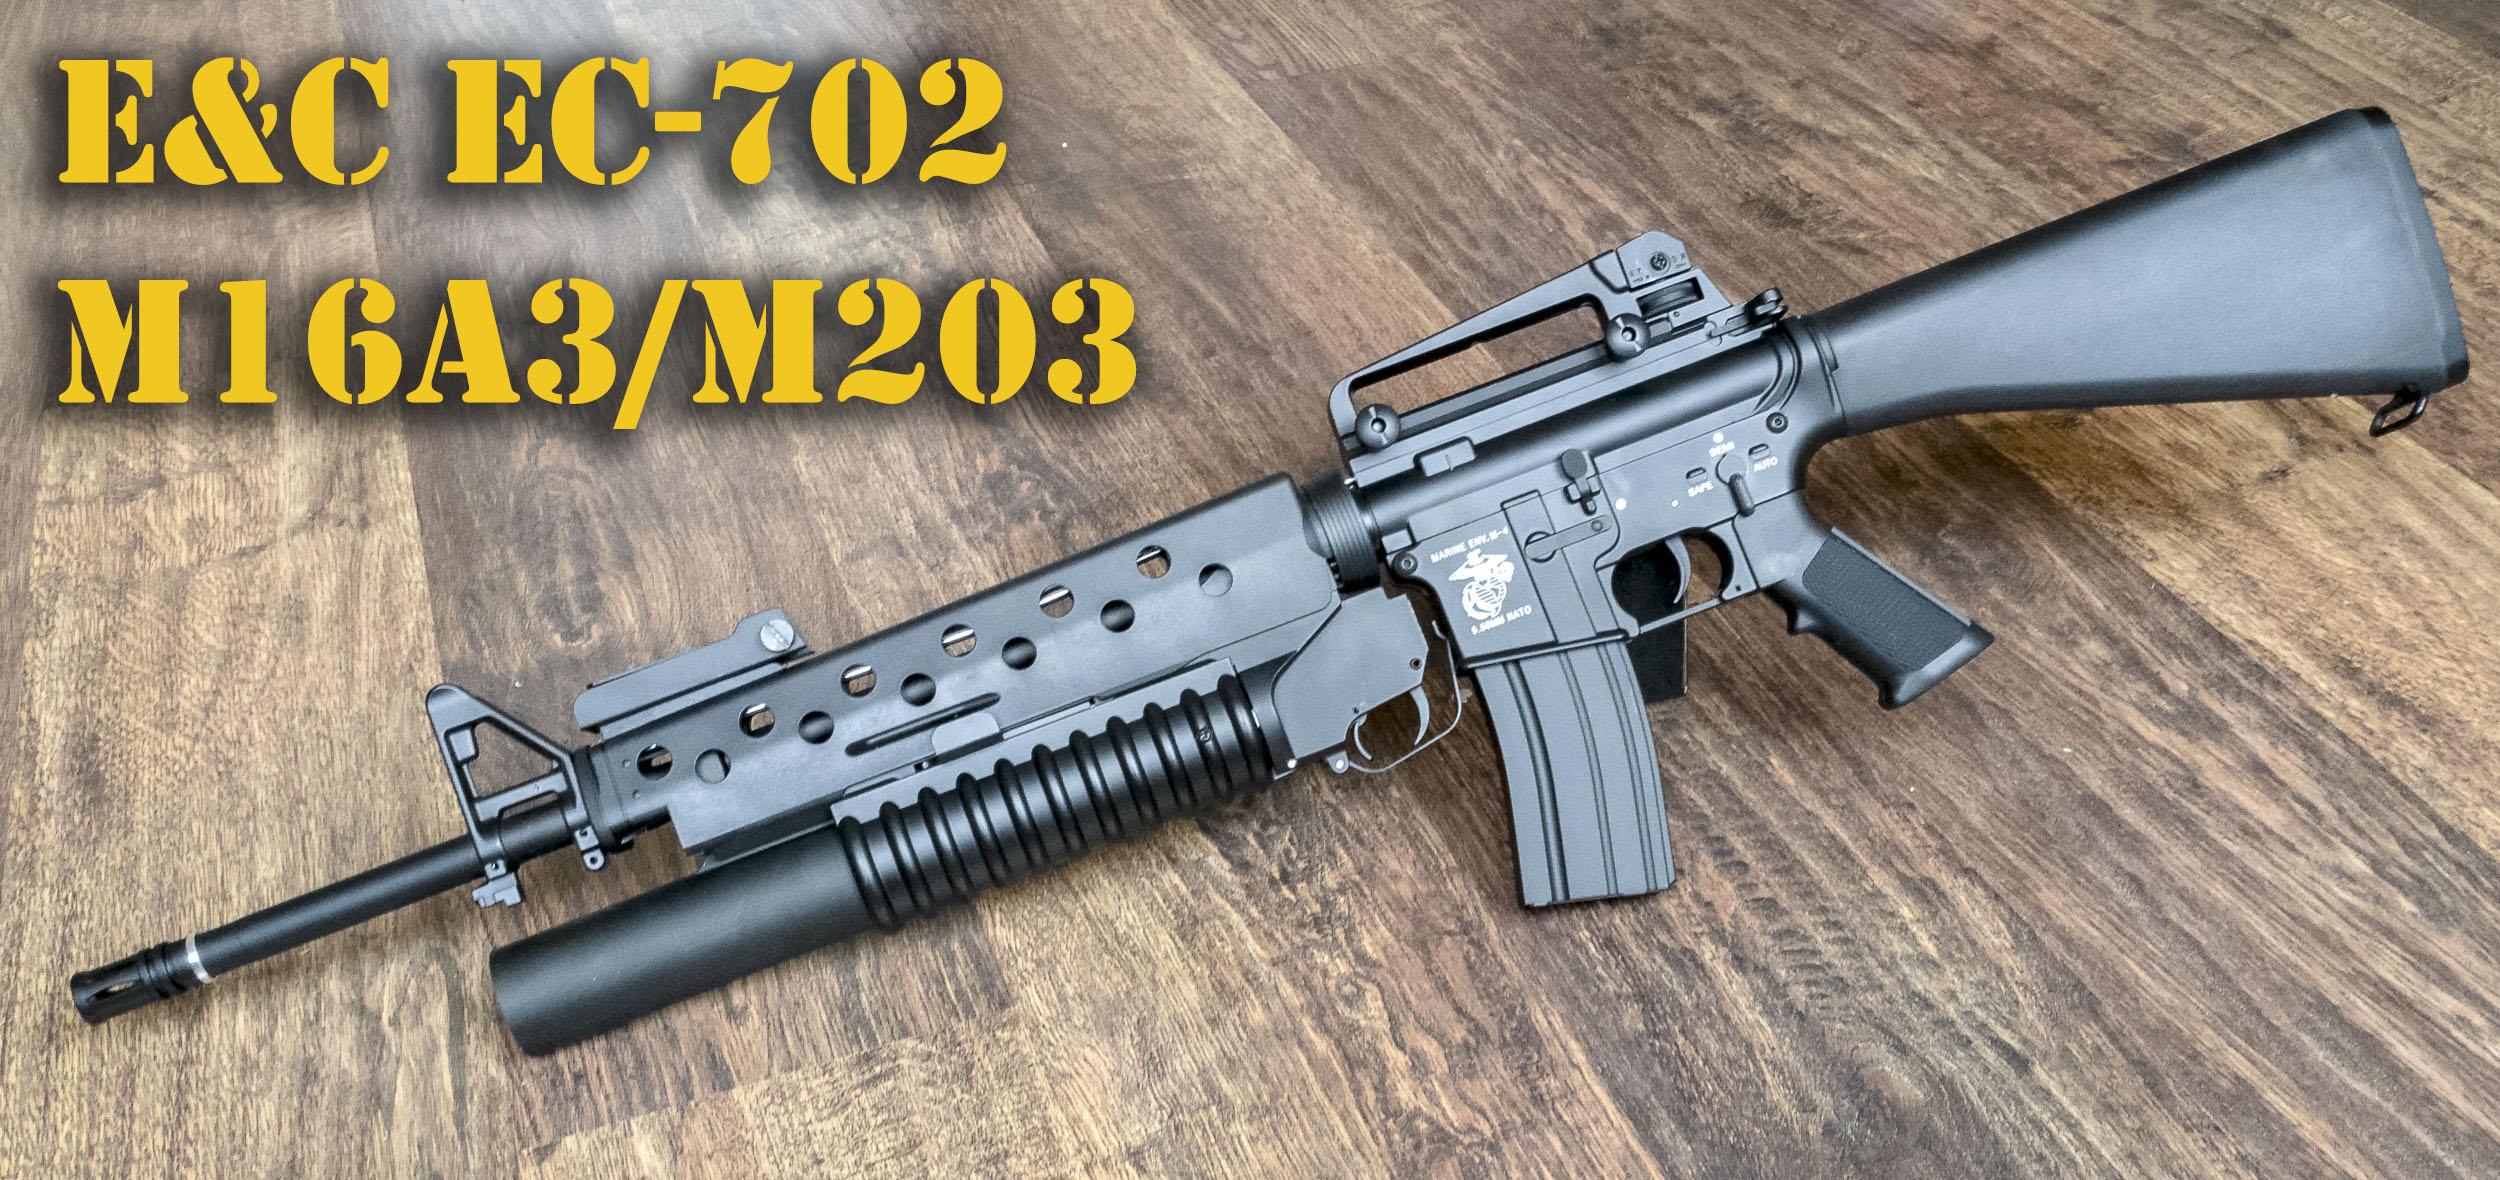 ec702.jpg